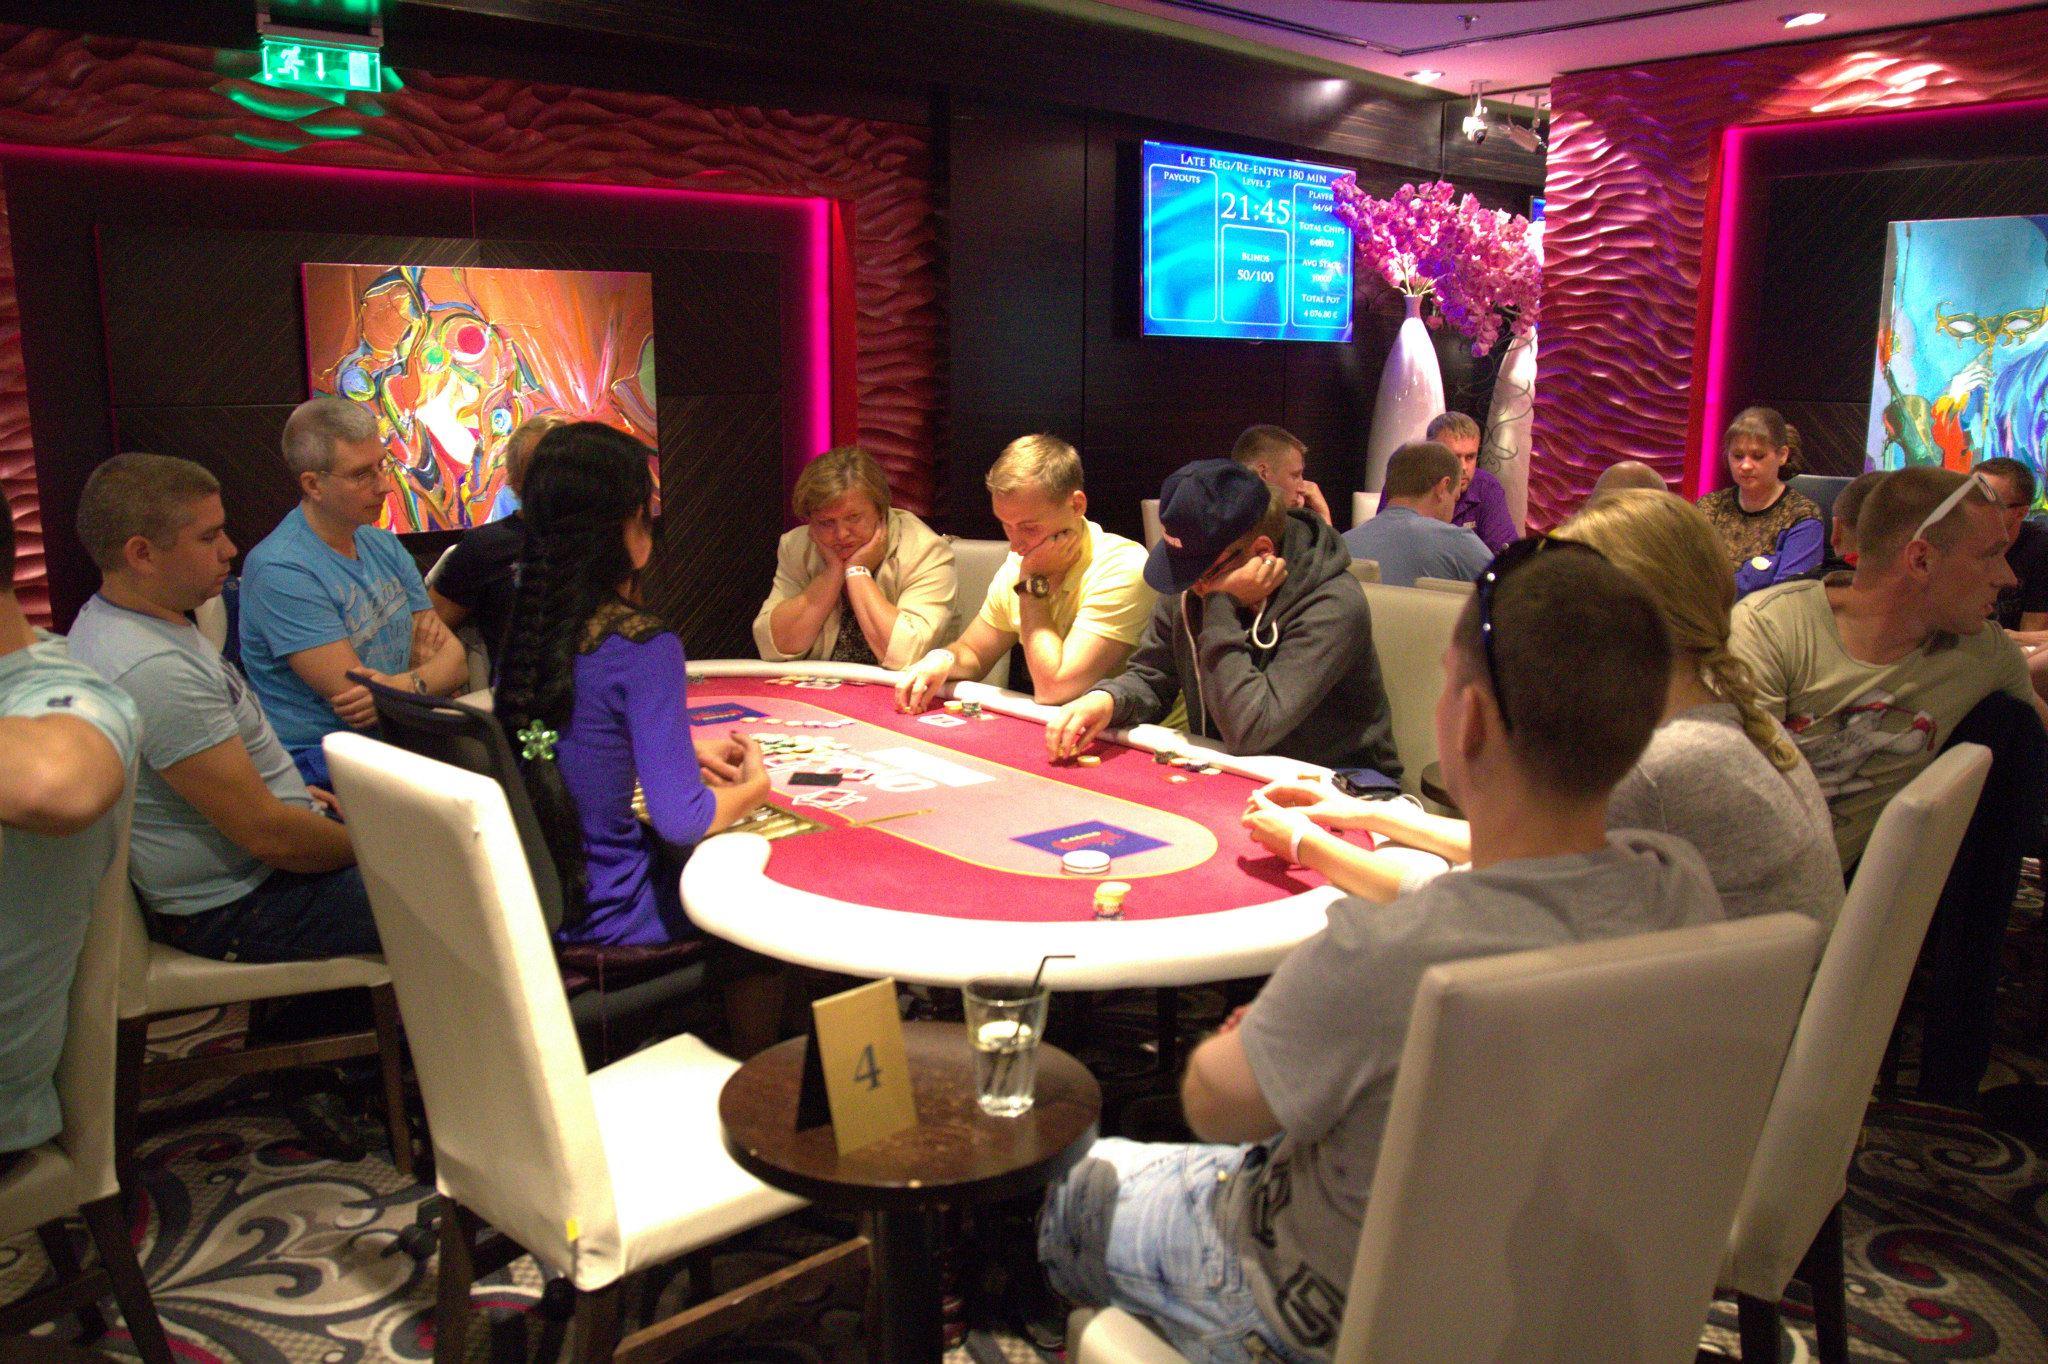 Triobeti pokkeritoa kampaaniad 2015. aasta oktoobris 103